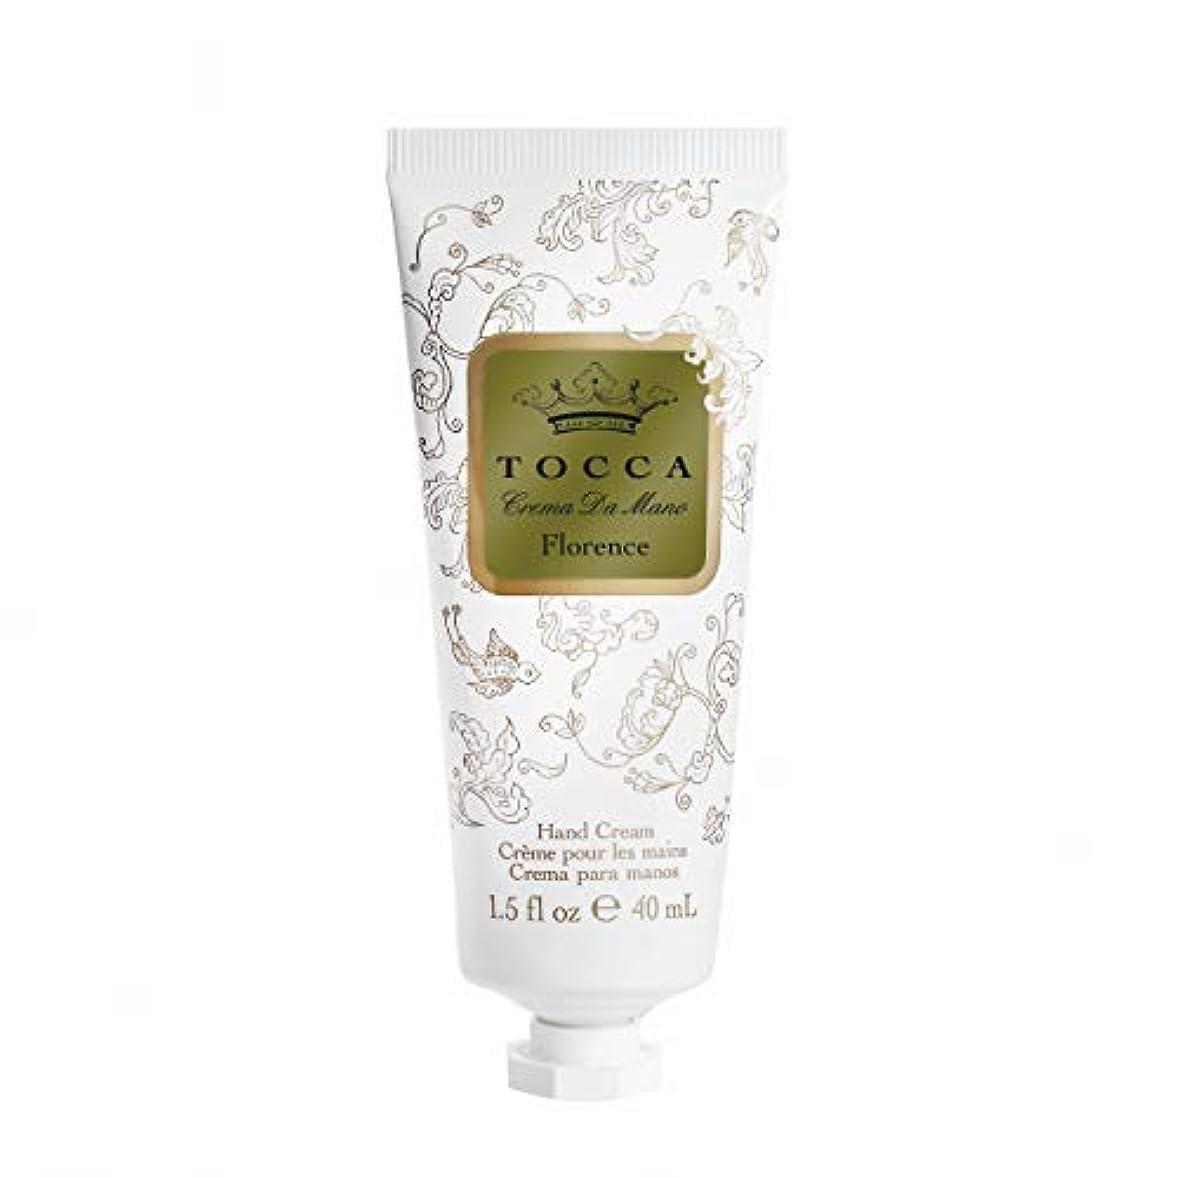 くしゃくしゃボイドで出来ているトッカ(TOCCA) ハンドクリーム フローレンスの香り 40mL (ガーデニアとベルガモットが誘うように溶け合うどこまでも上品なフローラルの香り)